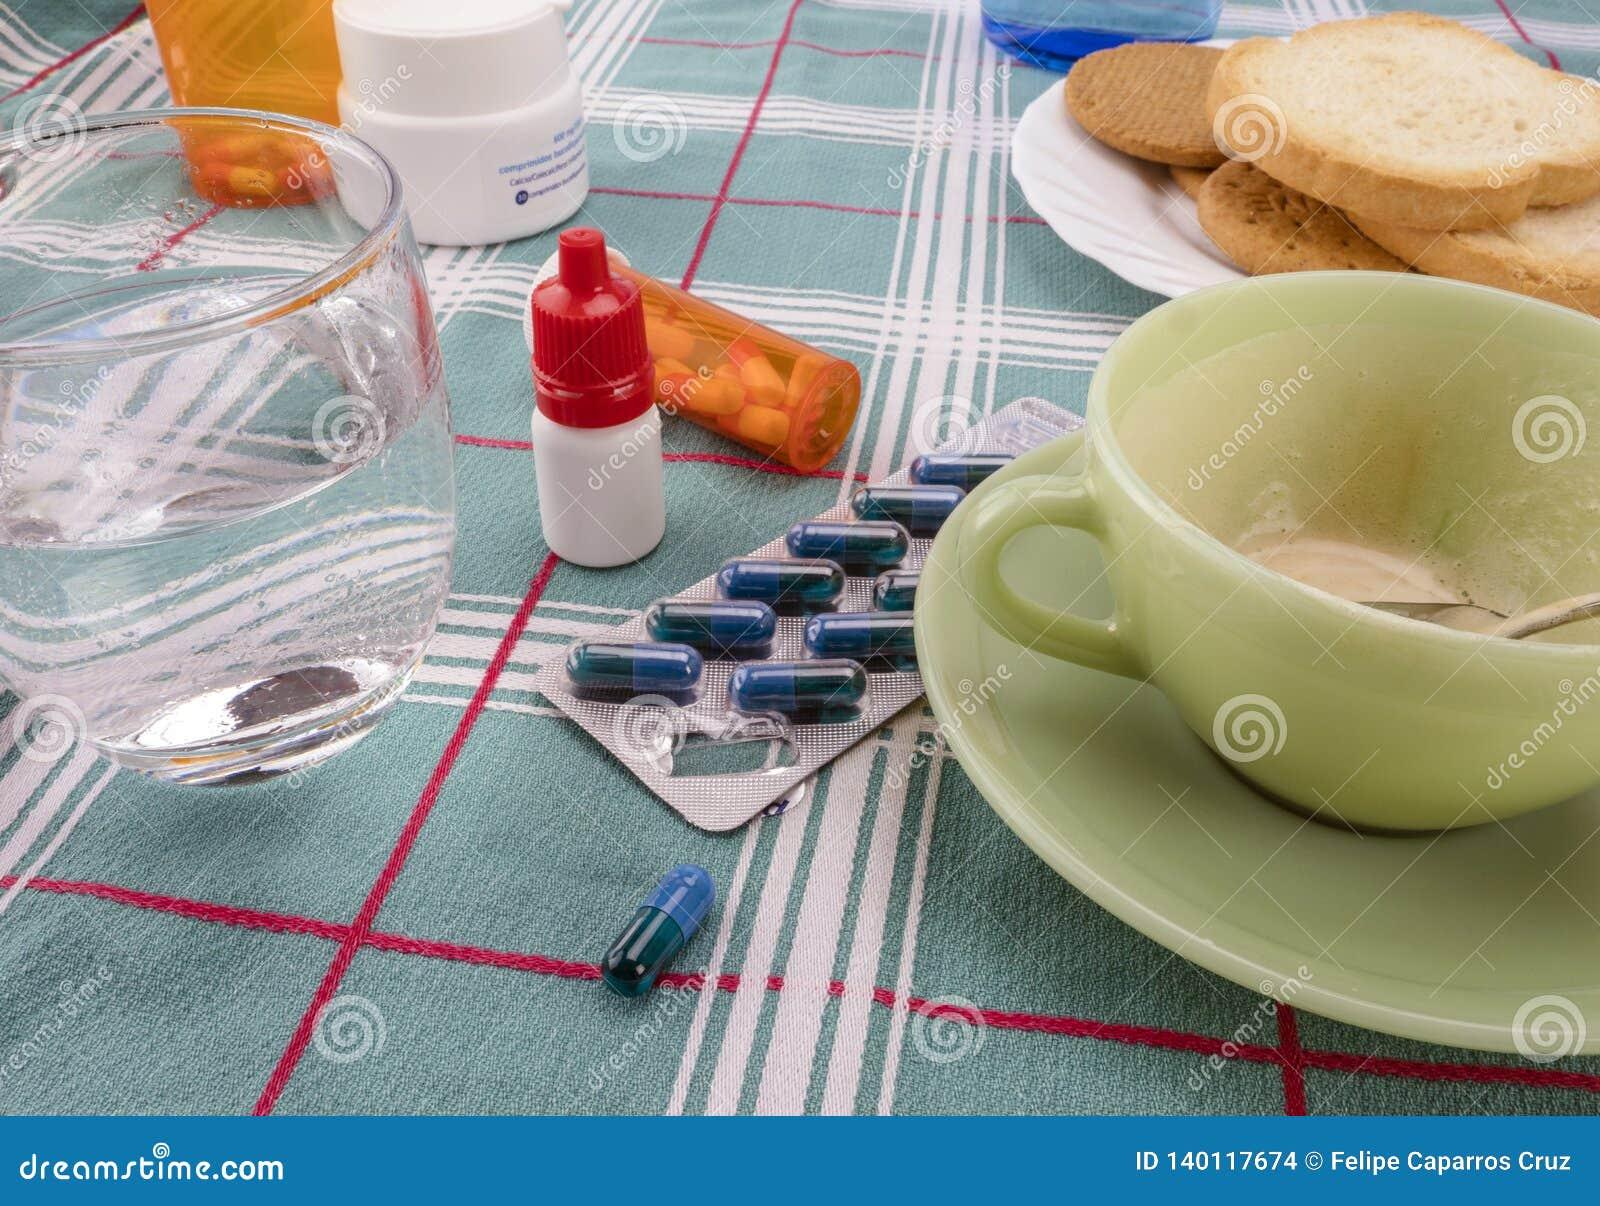 Лекарство во время завтрака, капсул рядом со стеклом воды, схематического изображения